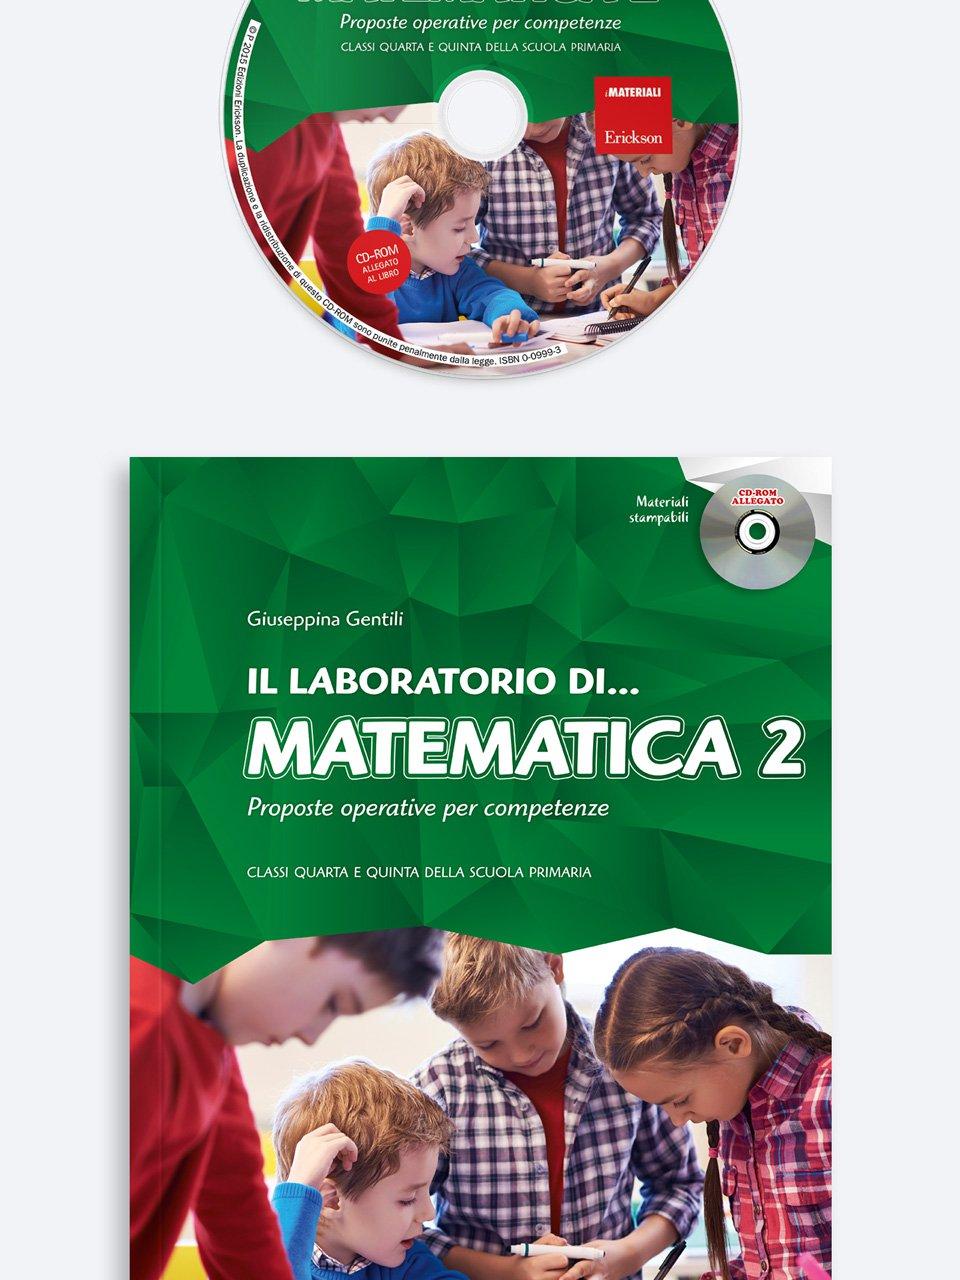 Il laboratorio di... matematica - Volume 2 - didattica laboratoriale - Erickson